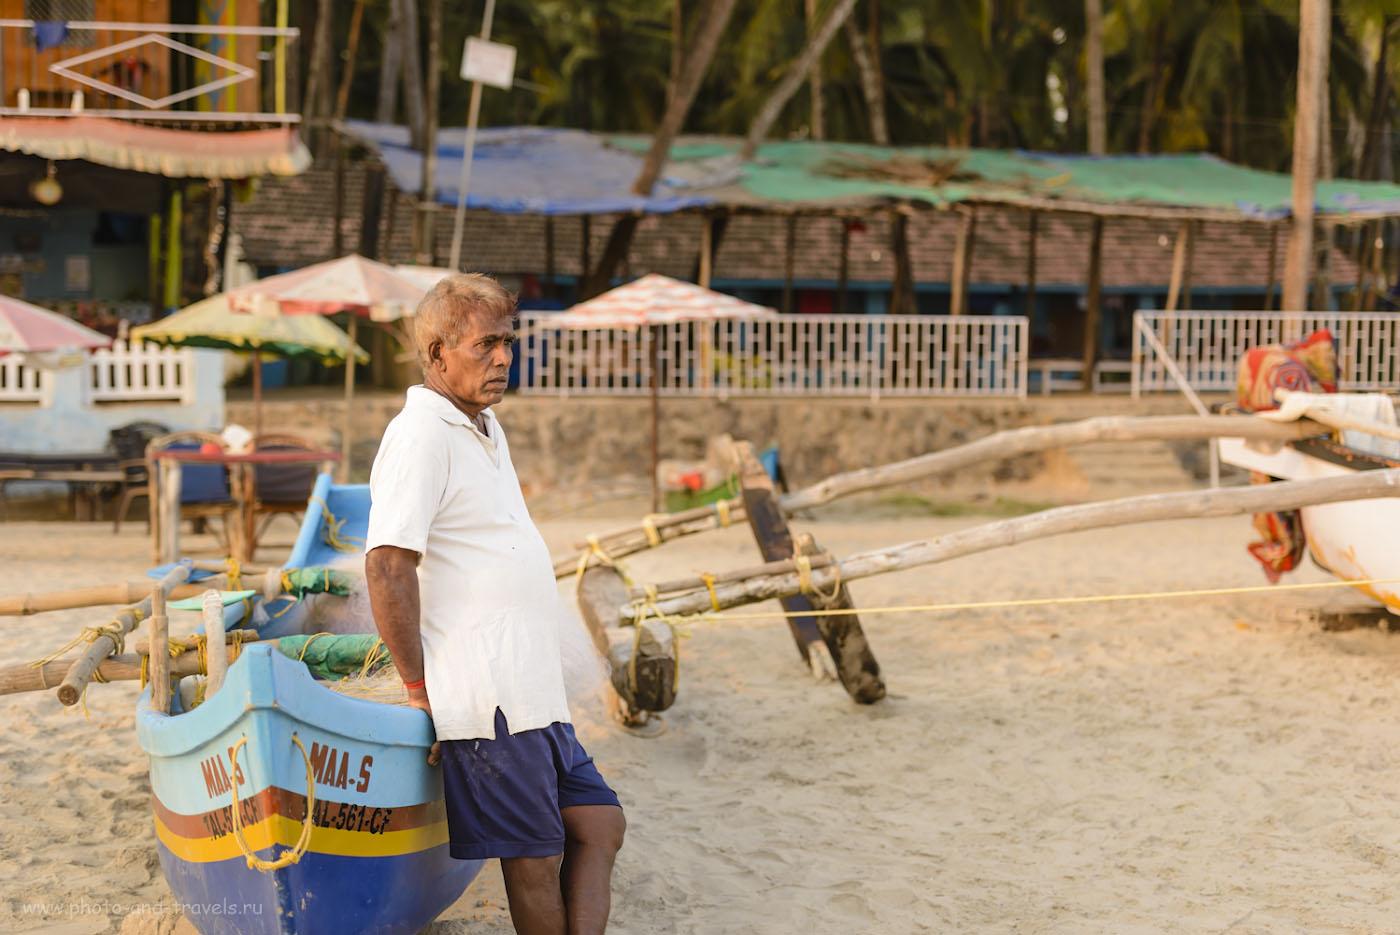 Фото 18. Рыбак на пляже в Южном Гоа. 1/160, 0.67, 2.8, 160, 70.